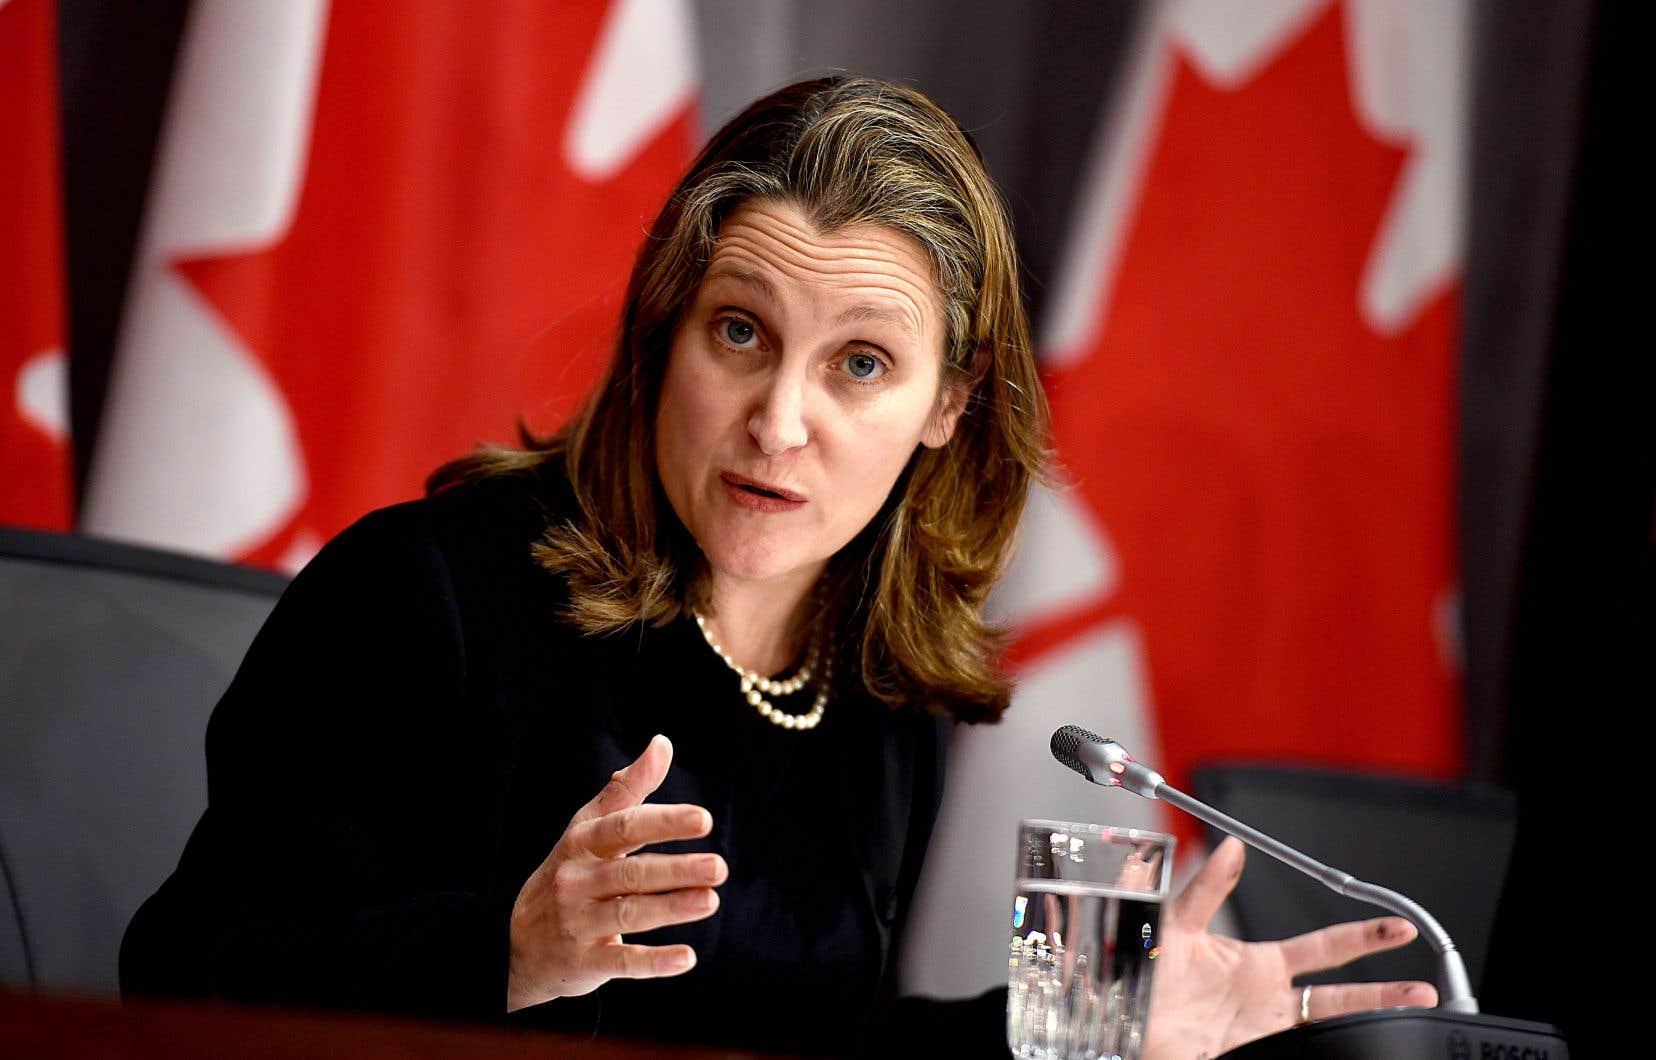 Jeudi, la vice-première ministre du Canada, Chrystia Freeland a dit avoir travaillé «en étroite collaboration» avec le gouvernement du Québec pour en arriver à une entente.